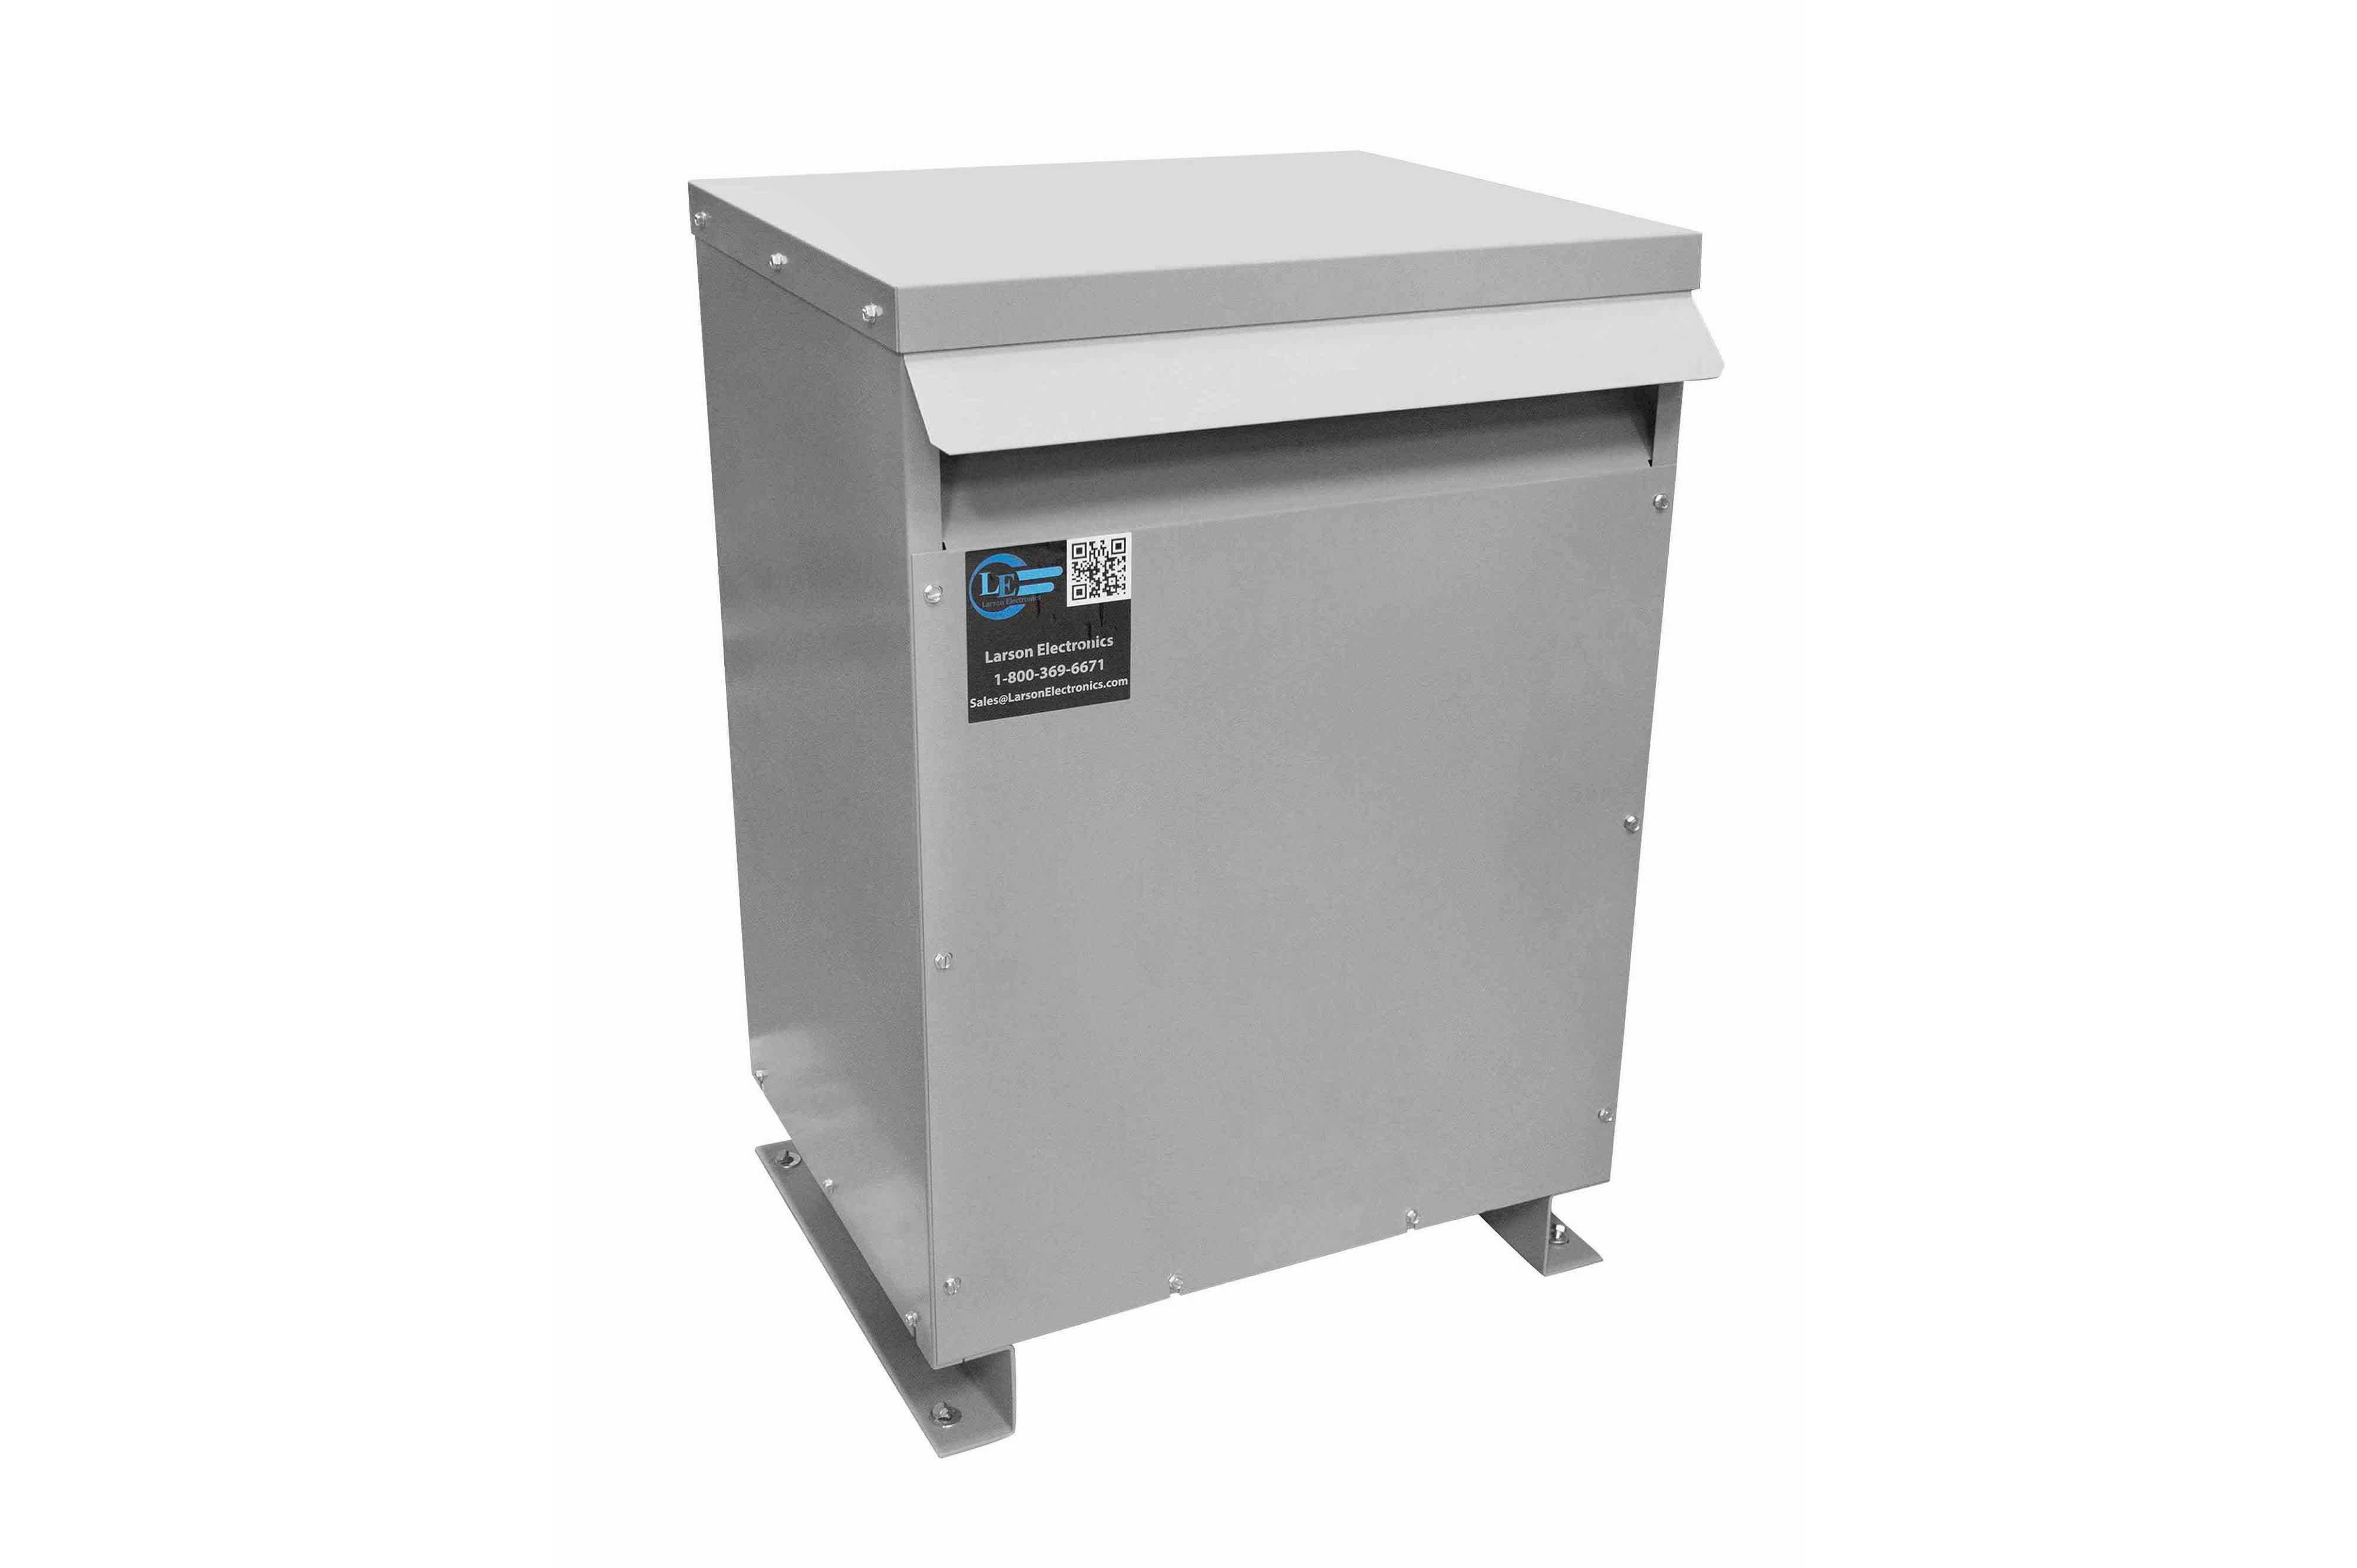 250 kVA 3PH Isolation Transformer, 220V Delta Primary, 480V Delta Secondary, N3R, Ventilated, 60 Hz